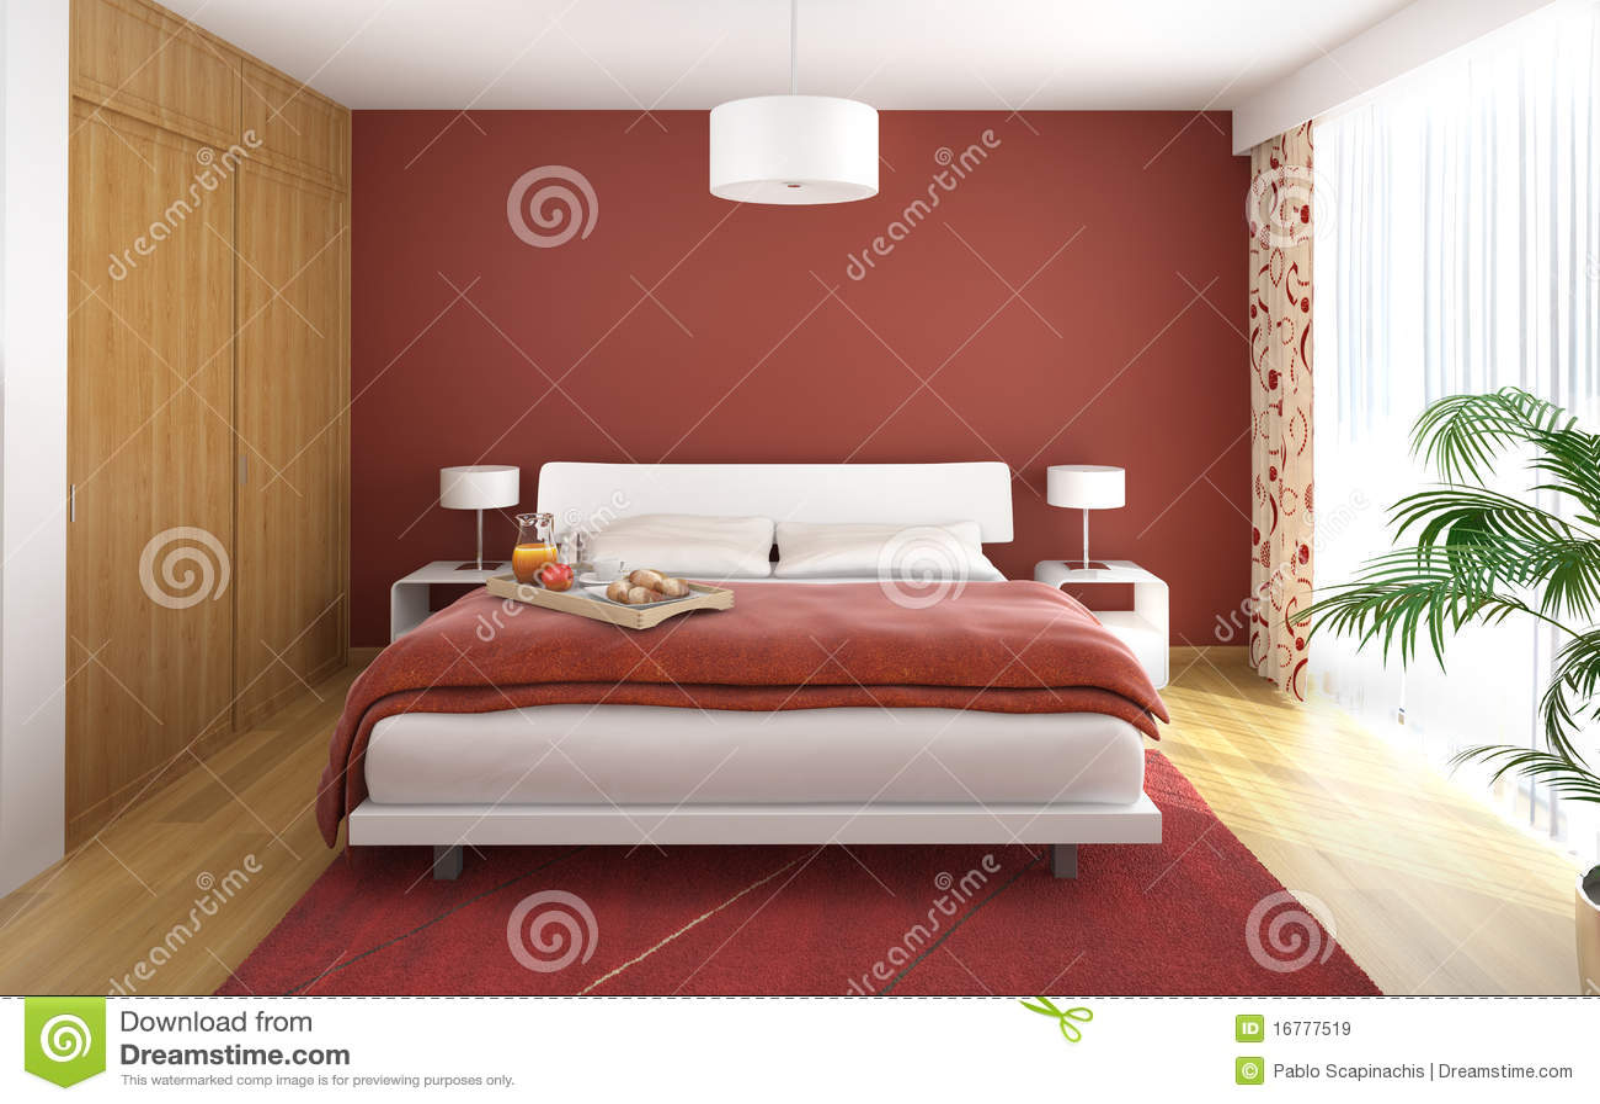 Colori della camera da letto: la stanza dei sogni idee per ...